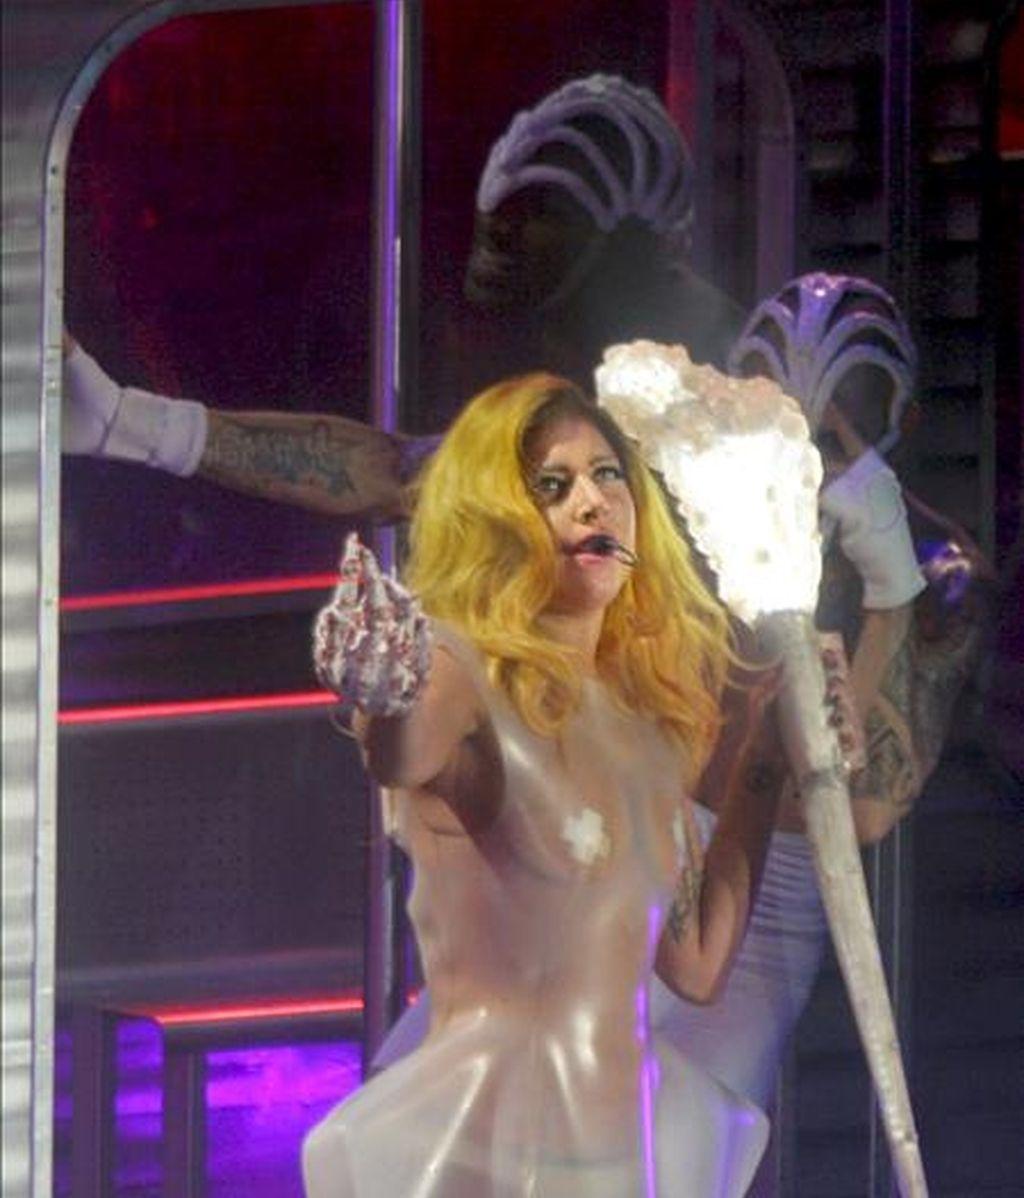 La cantante neoyorquina Lady Gaga, arrasó en Barcelona. Vídeo: Informativos Telecinco.